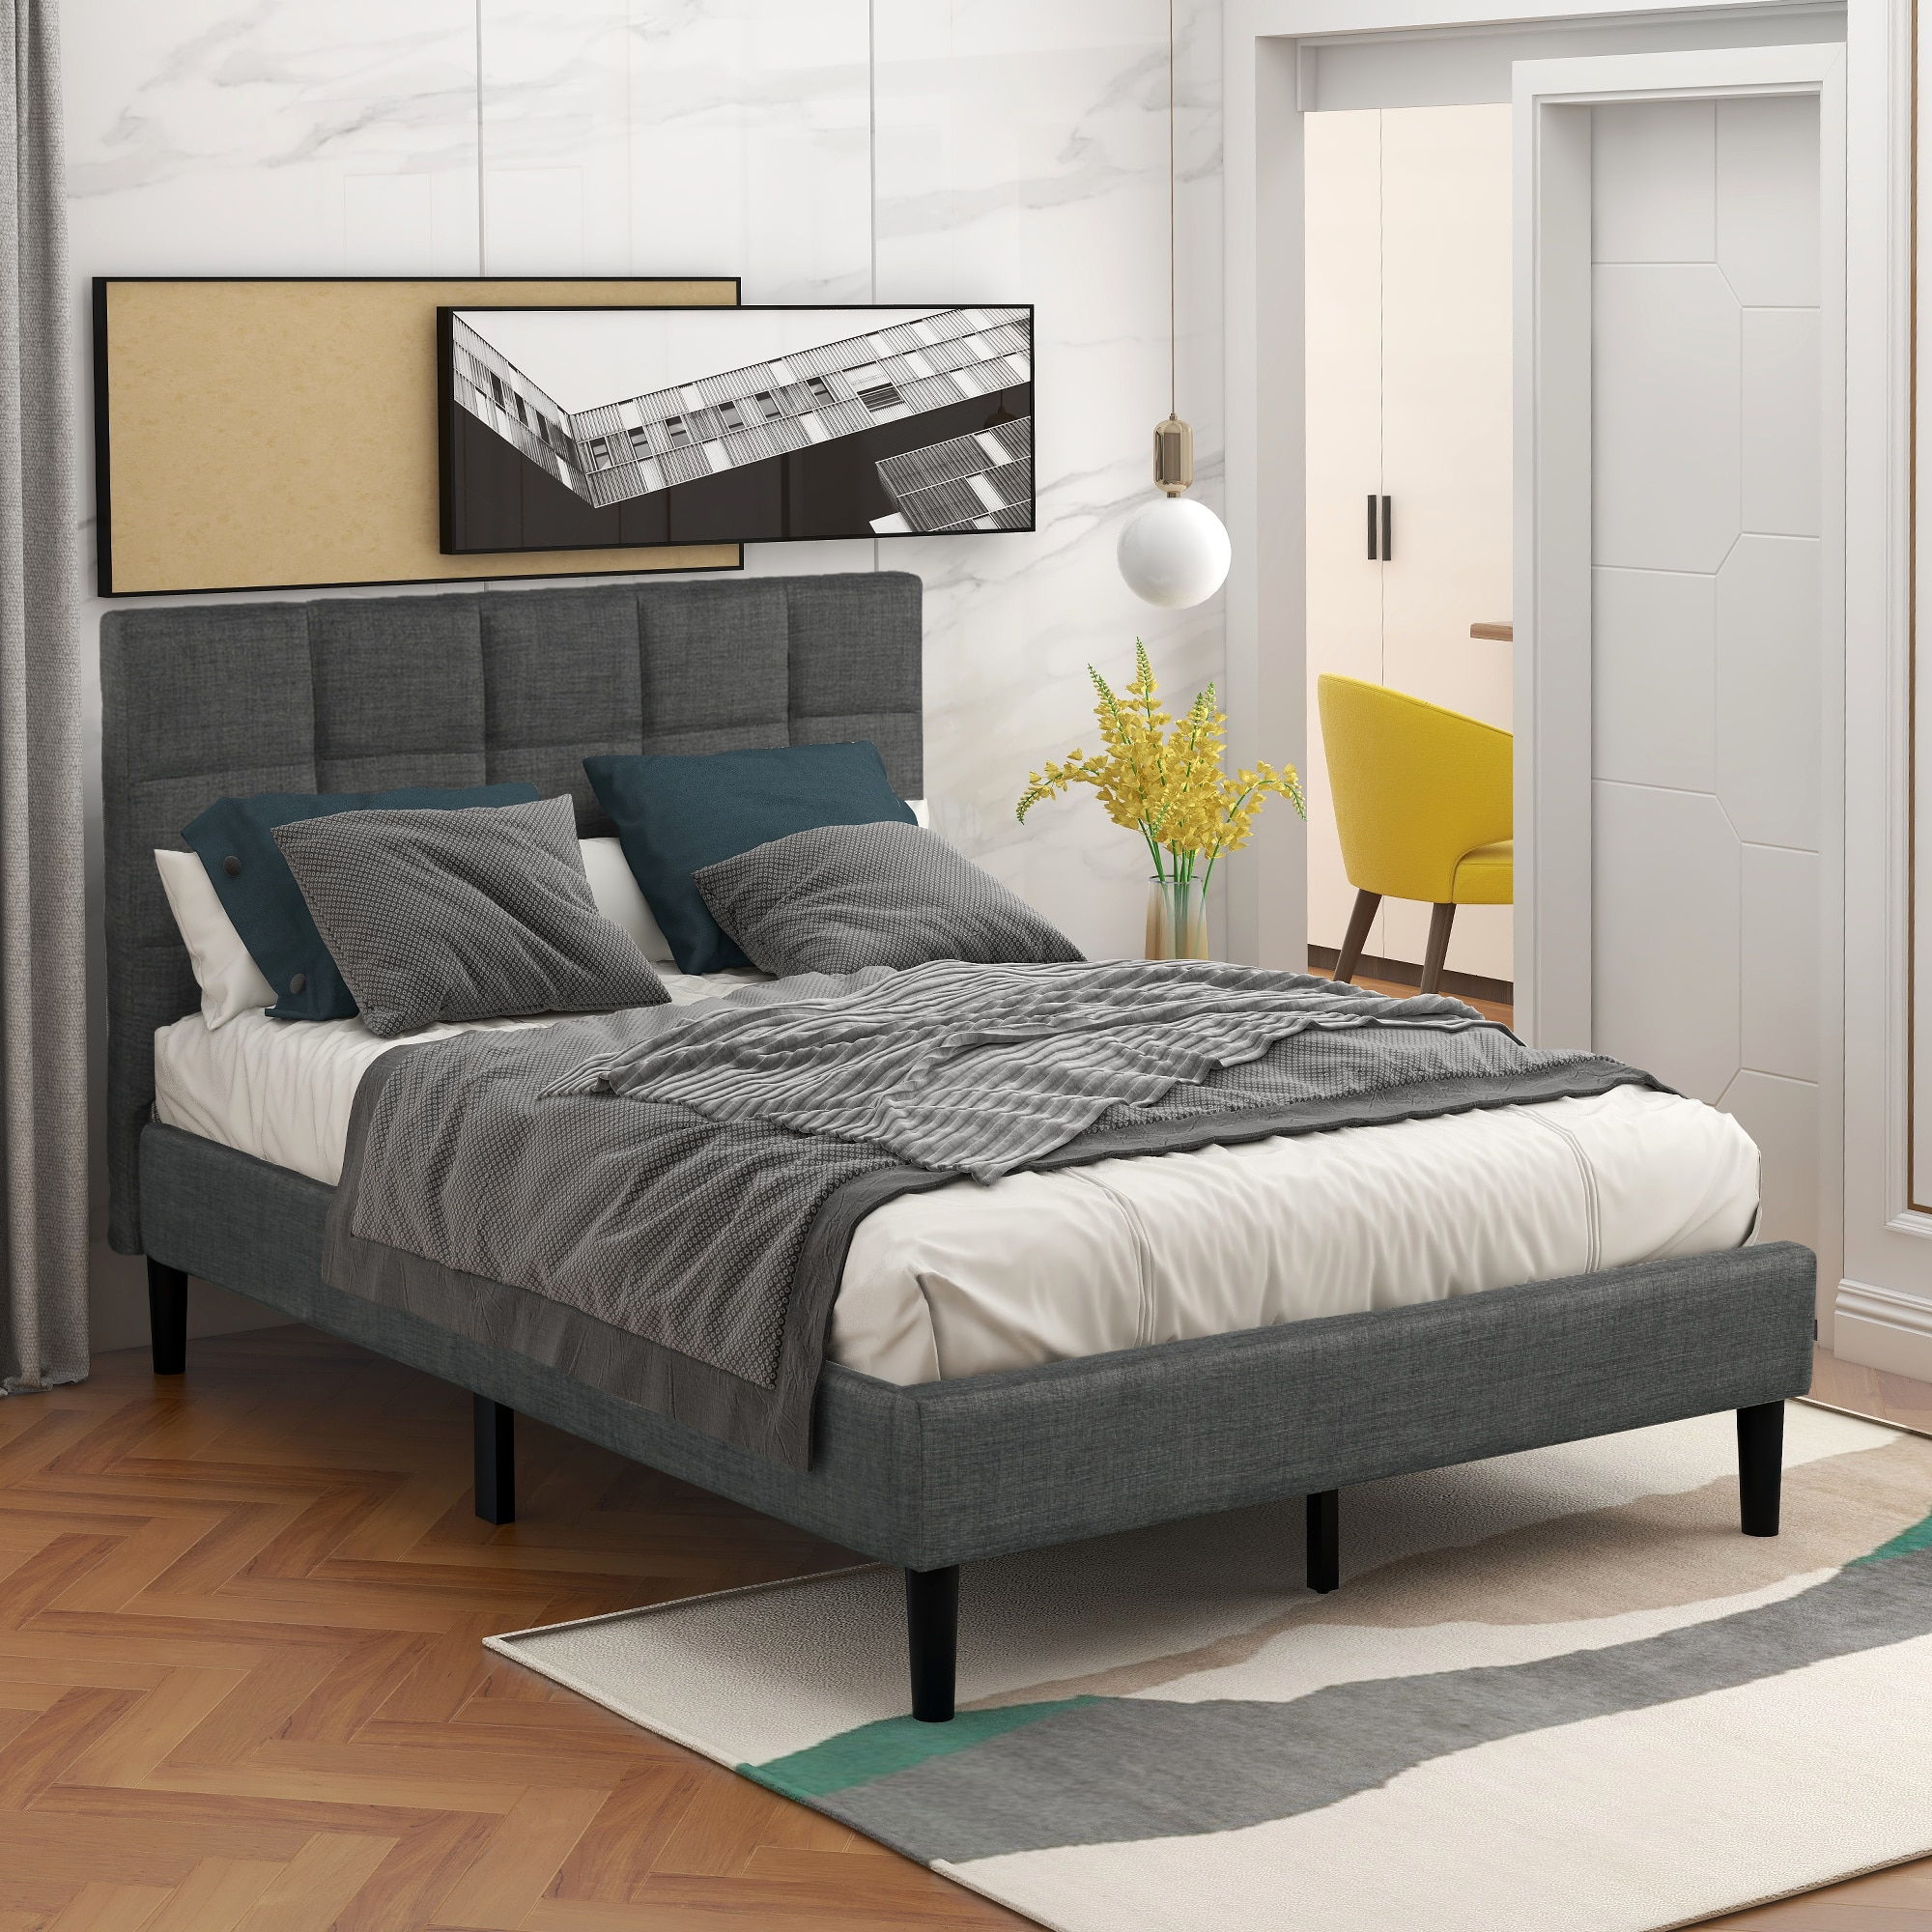 Каркас для кровати большого размера, многофункциональная рамка для кровати с мягкой платформой, домашний декор, мебель для спальни